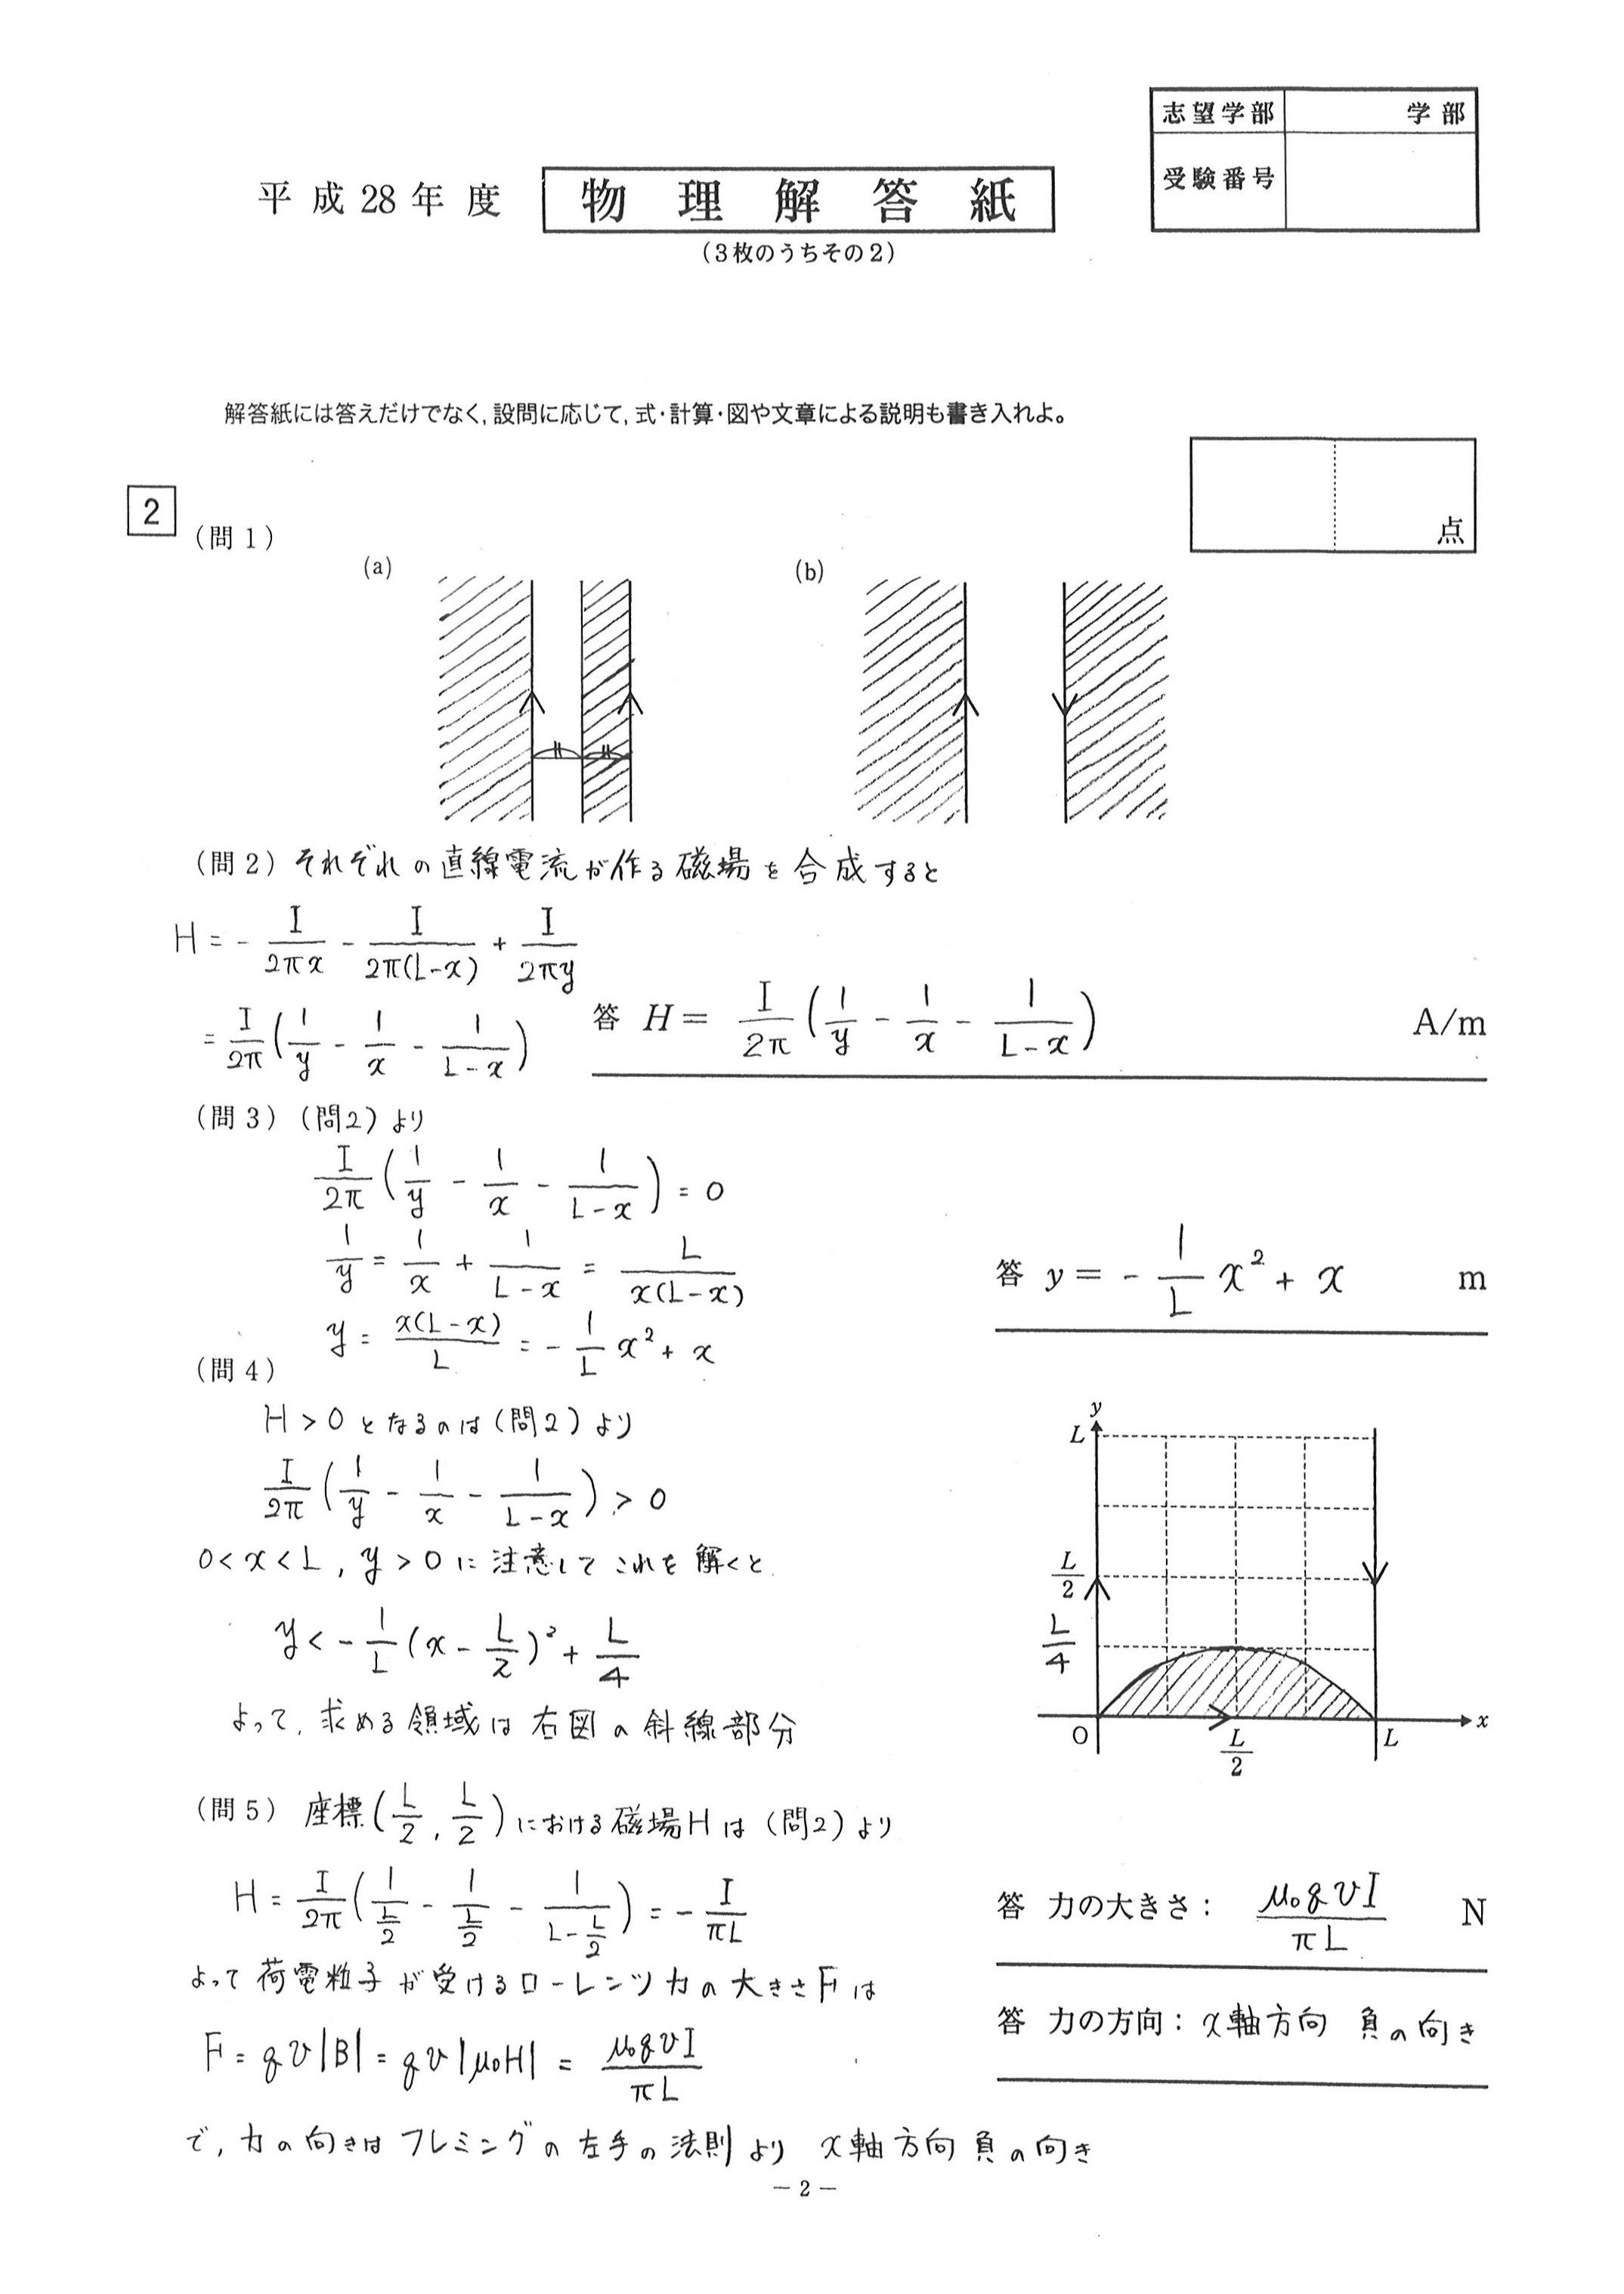 受験物理 - 物理の入試問題を解く